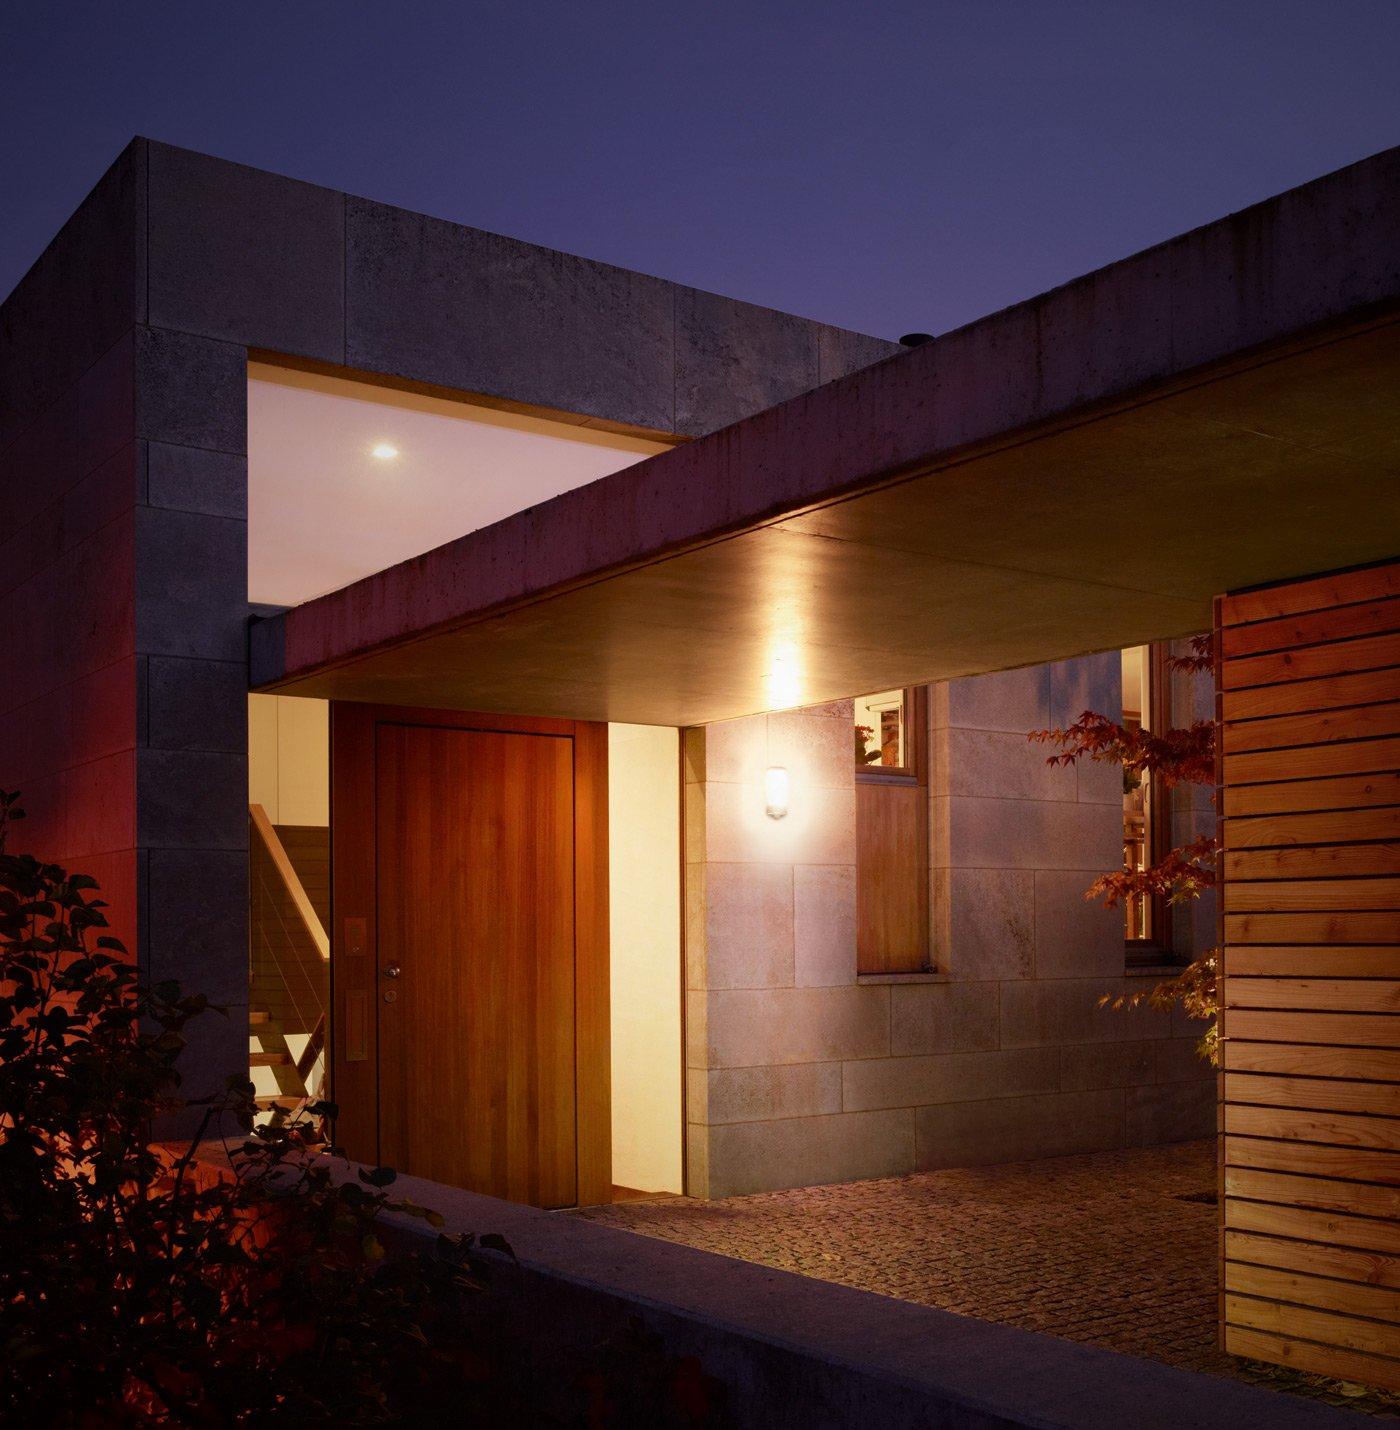 715DwzcyKDL._SL1430_ Spannende Steinel Lampe Mit Bewegungsmelder Dekorationen